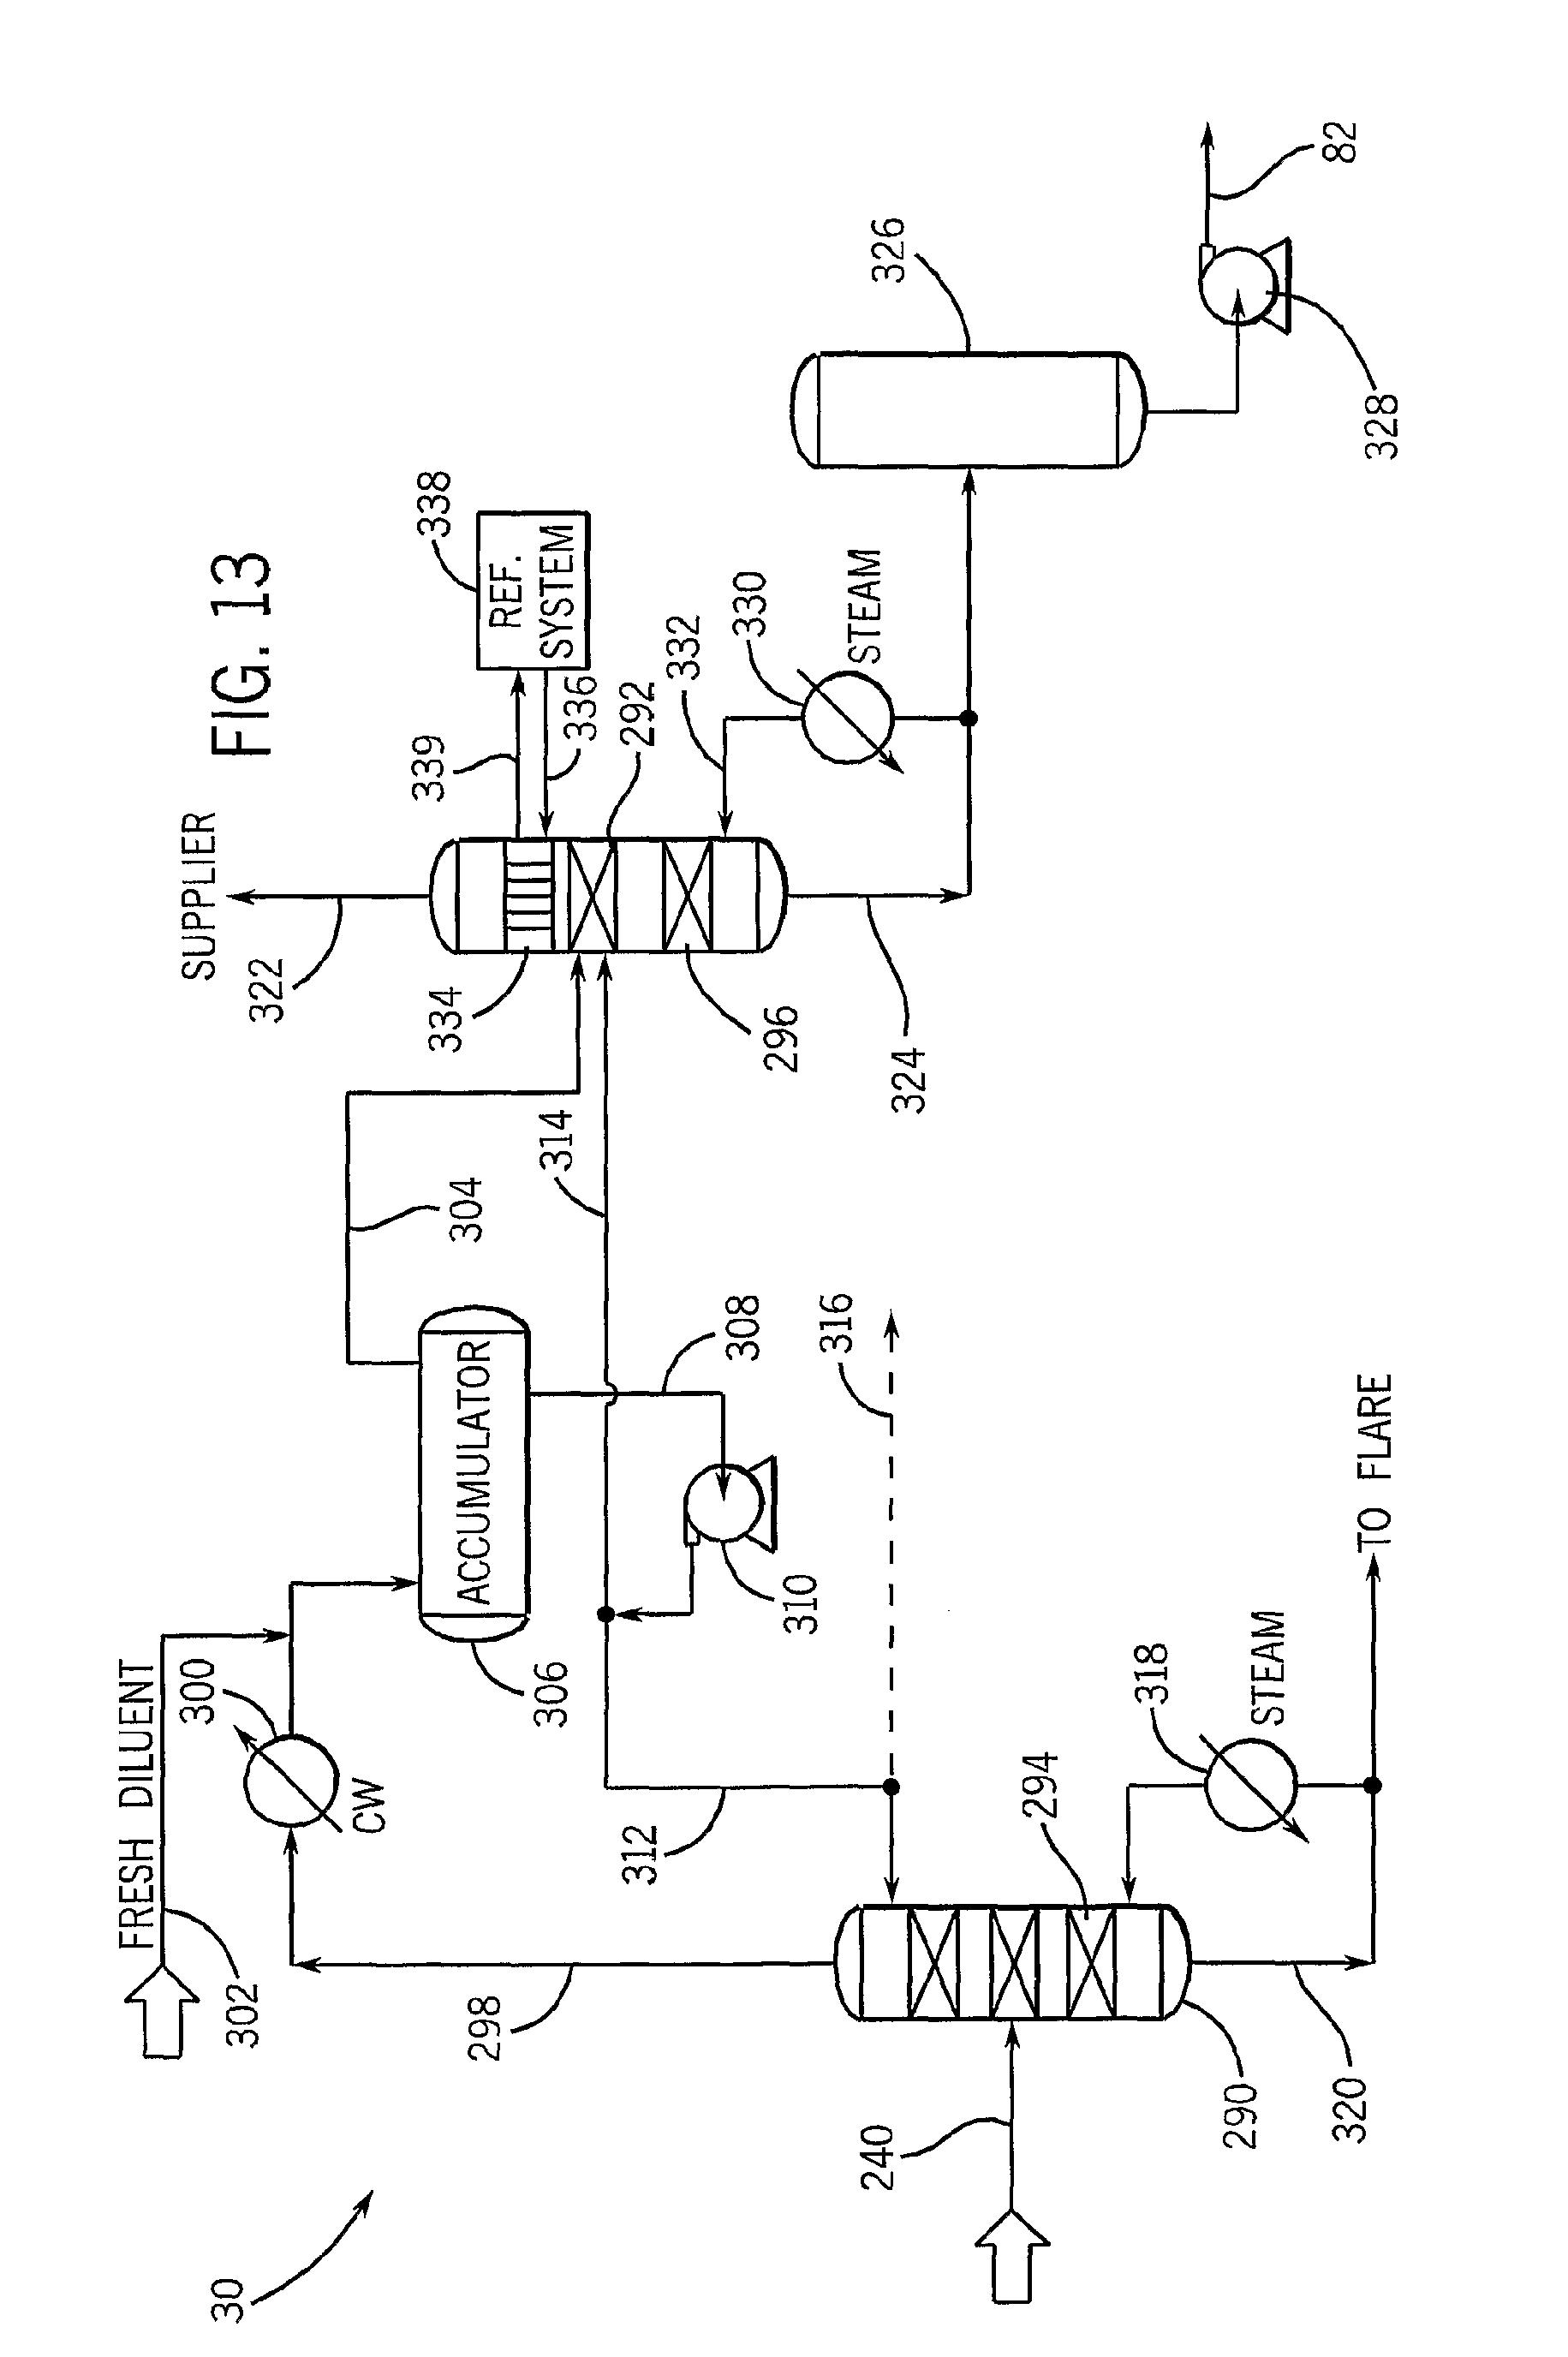 process flow diagram slurry polymerization